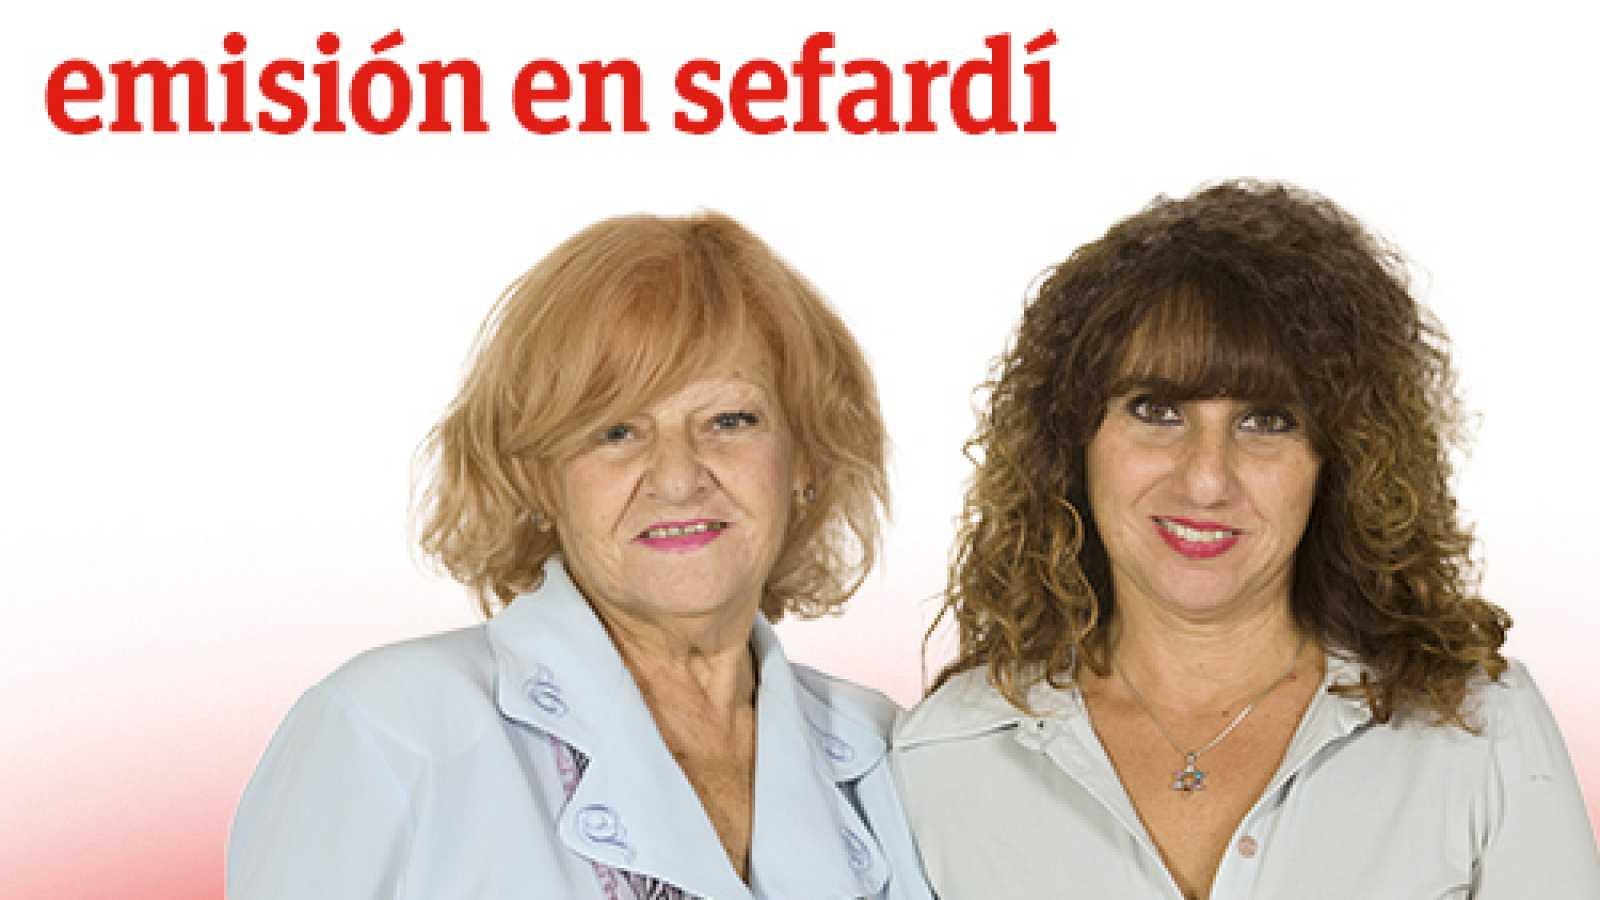 Emisión en sefardí - Historia, refranes, música y cocina sefardí - 16/06/19 - escuchar ahora